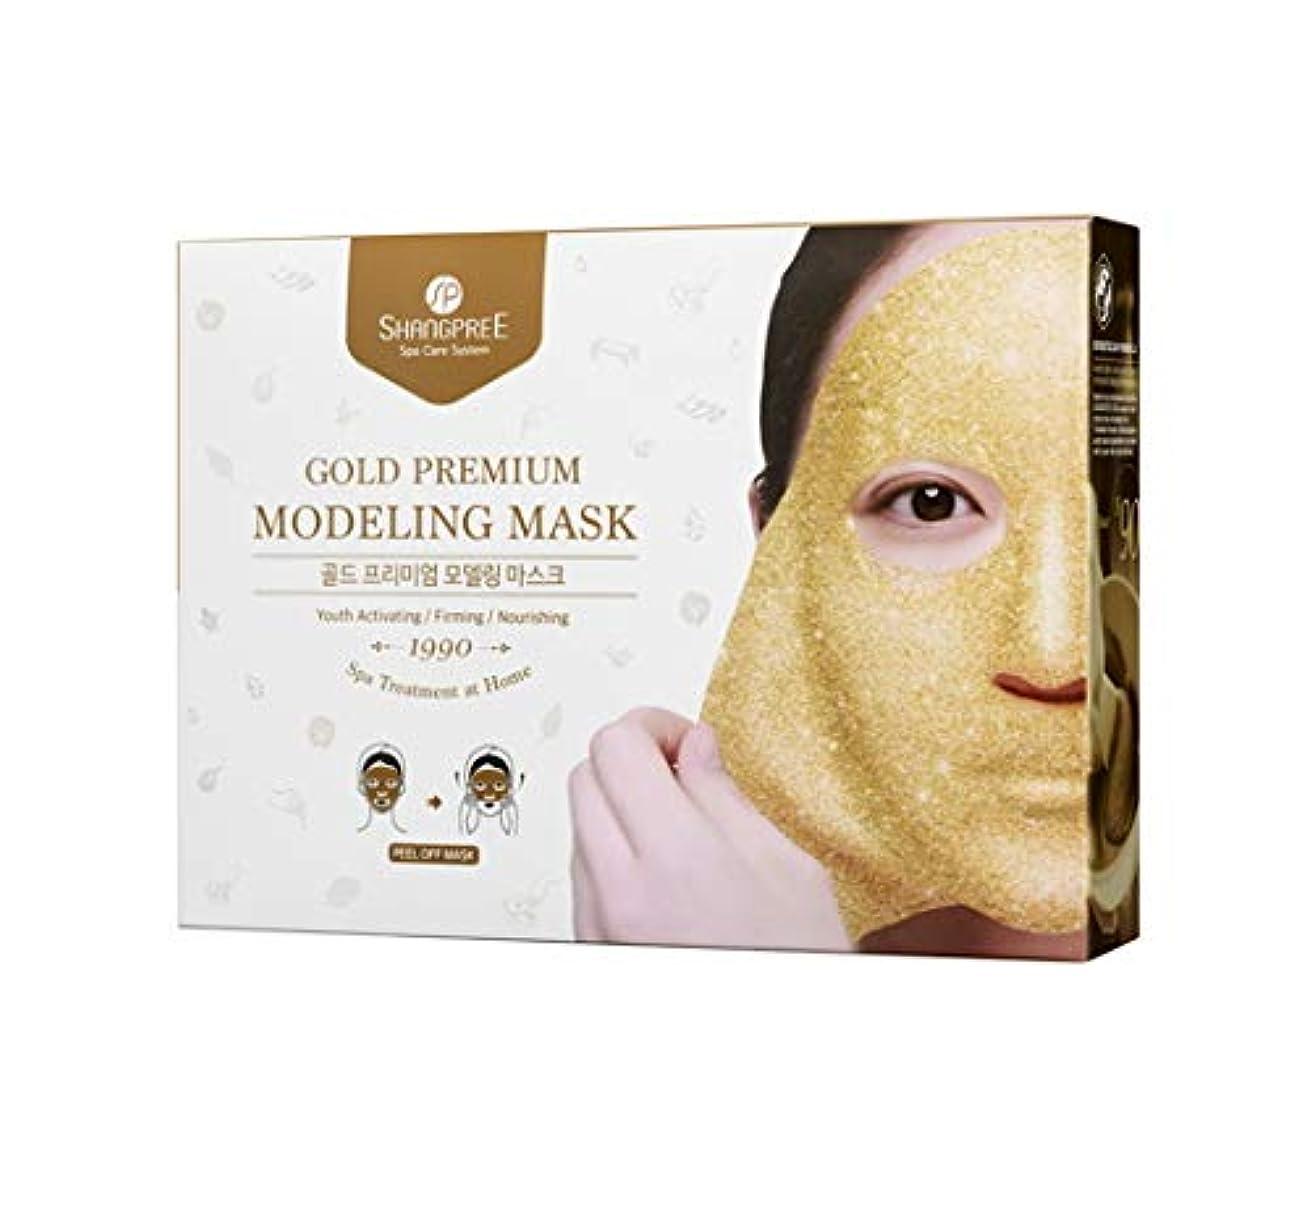 摂氏パークテラスShangpree プレミアムゴールドモデリングマスク 5枚 gold premium modeling mask 5ea (並行輸入品)